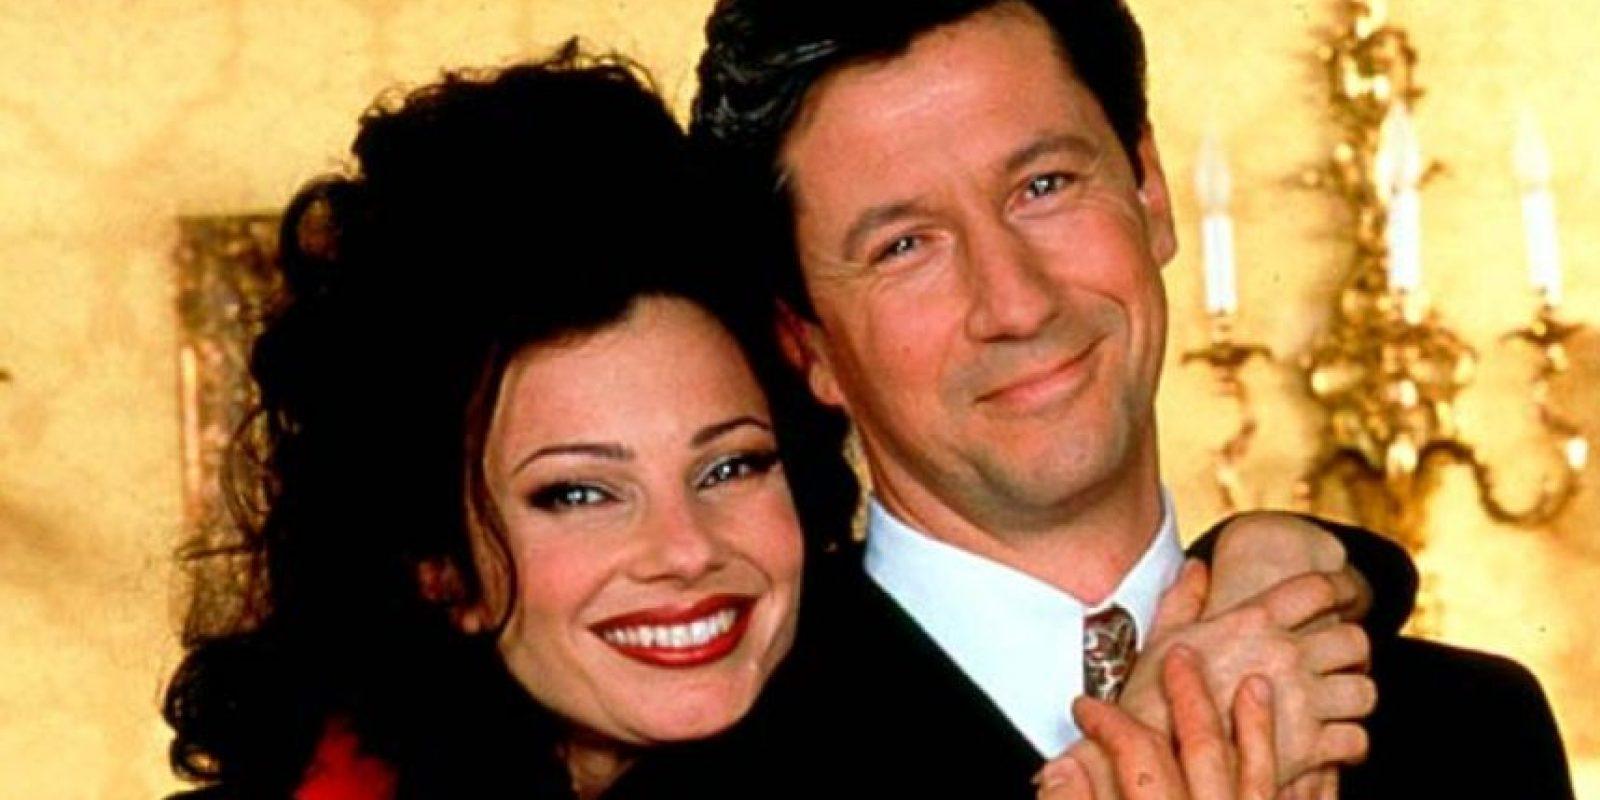 """Al final deja al lado su relación profesional y se casa con """"Fran"""". Foto:vía TriStar Television"""